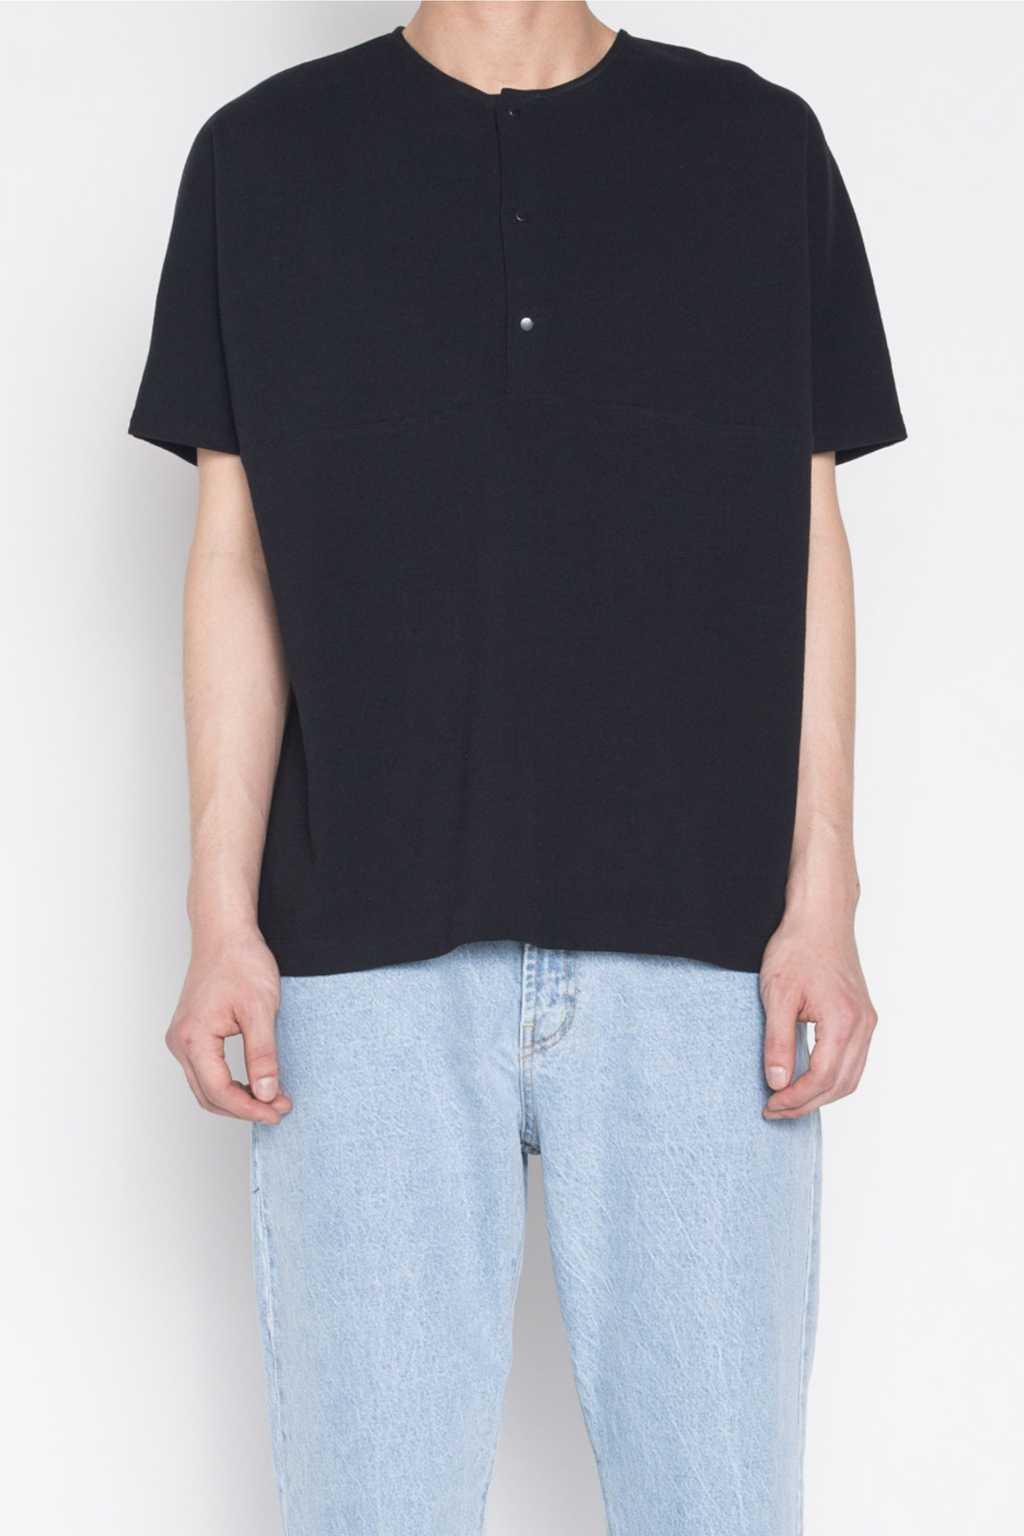 TShirt 1141 Black 2